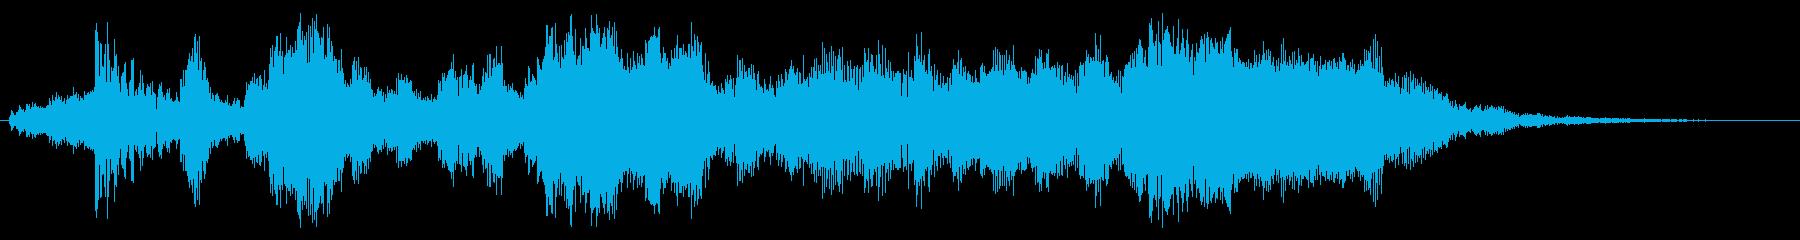 RPG風ファンファーレ(オーケストラ風)の再生済みの波形